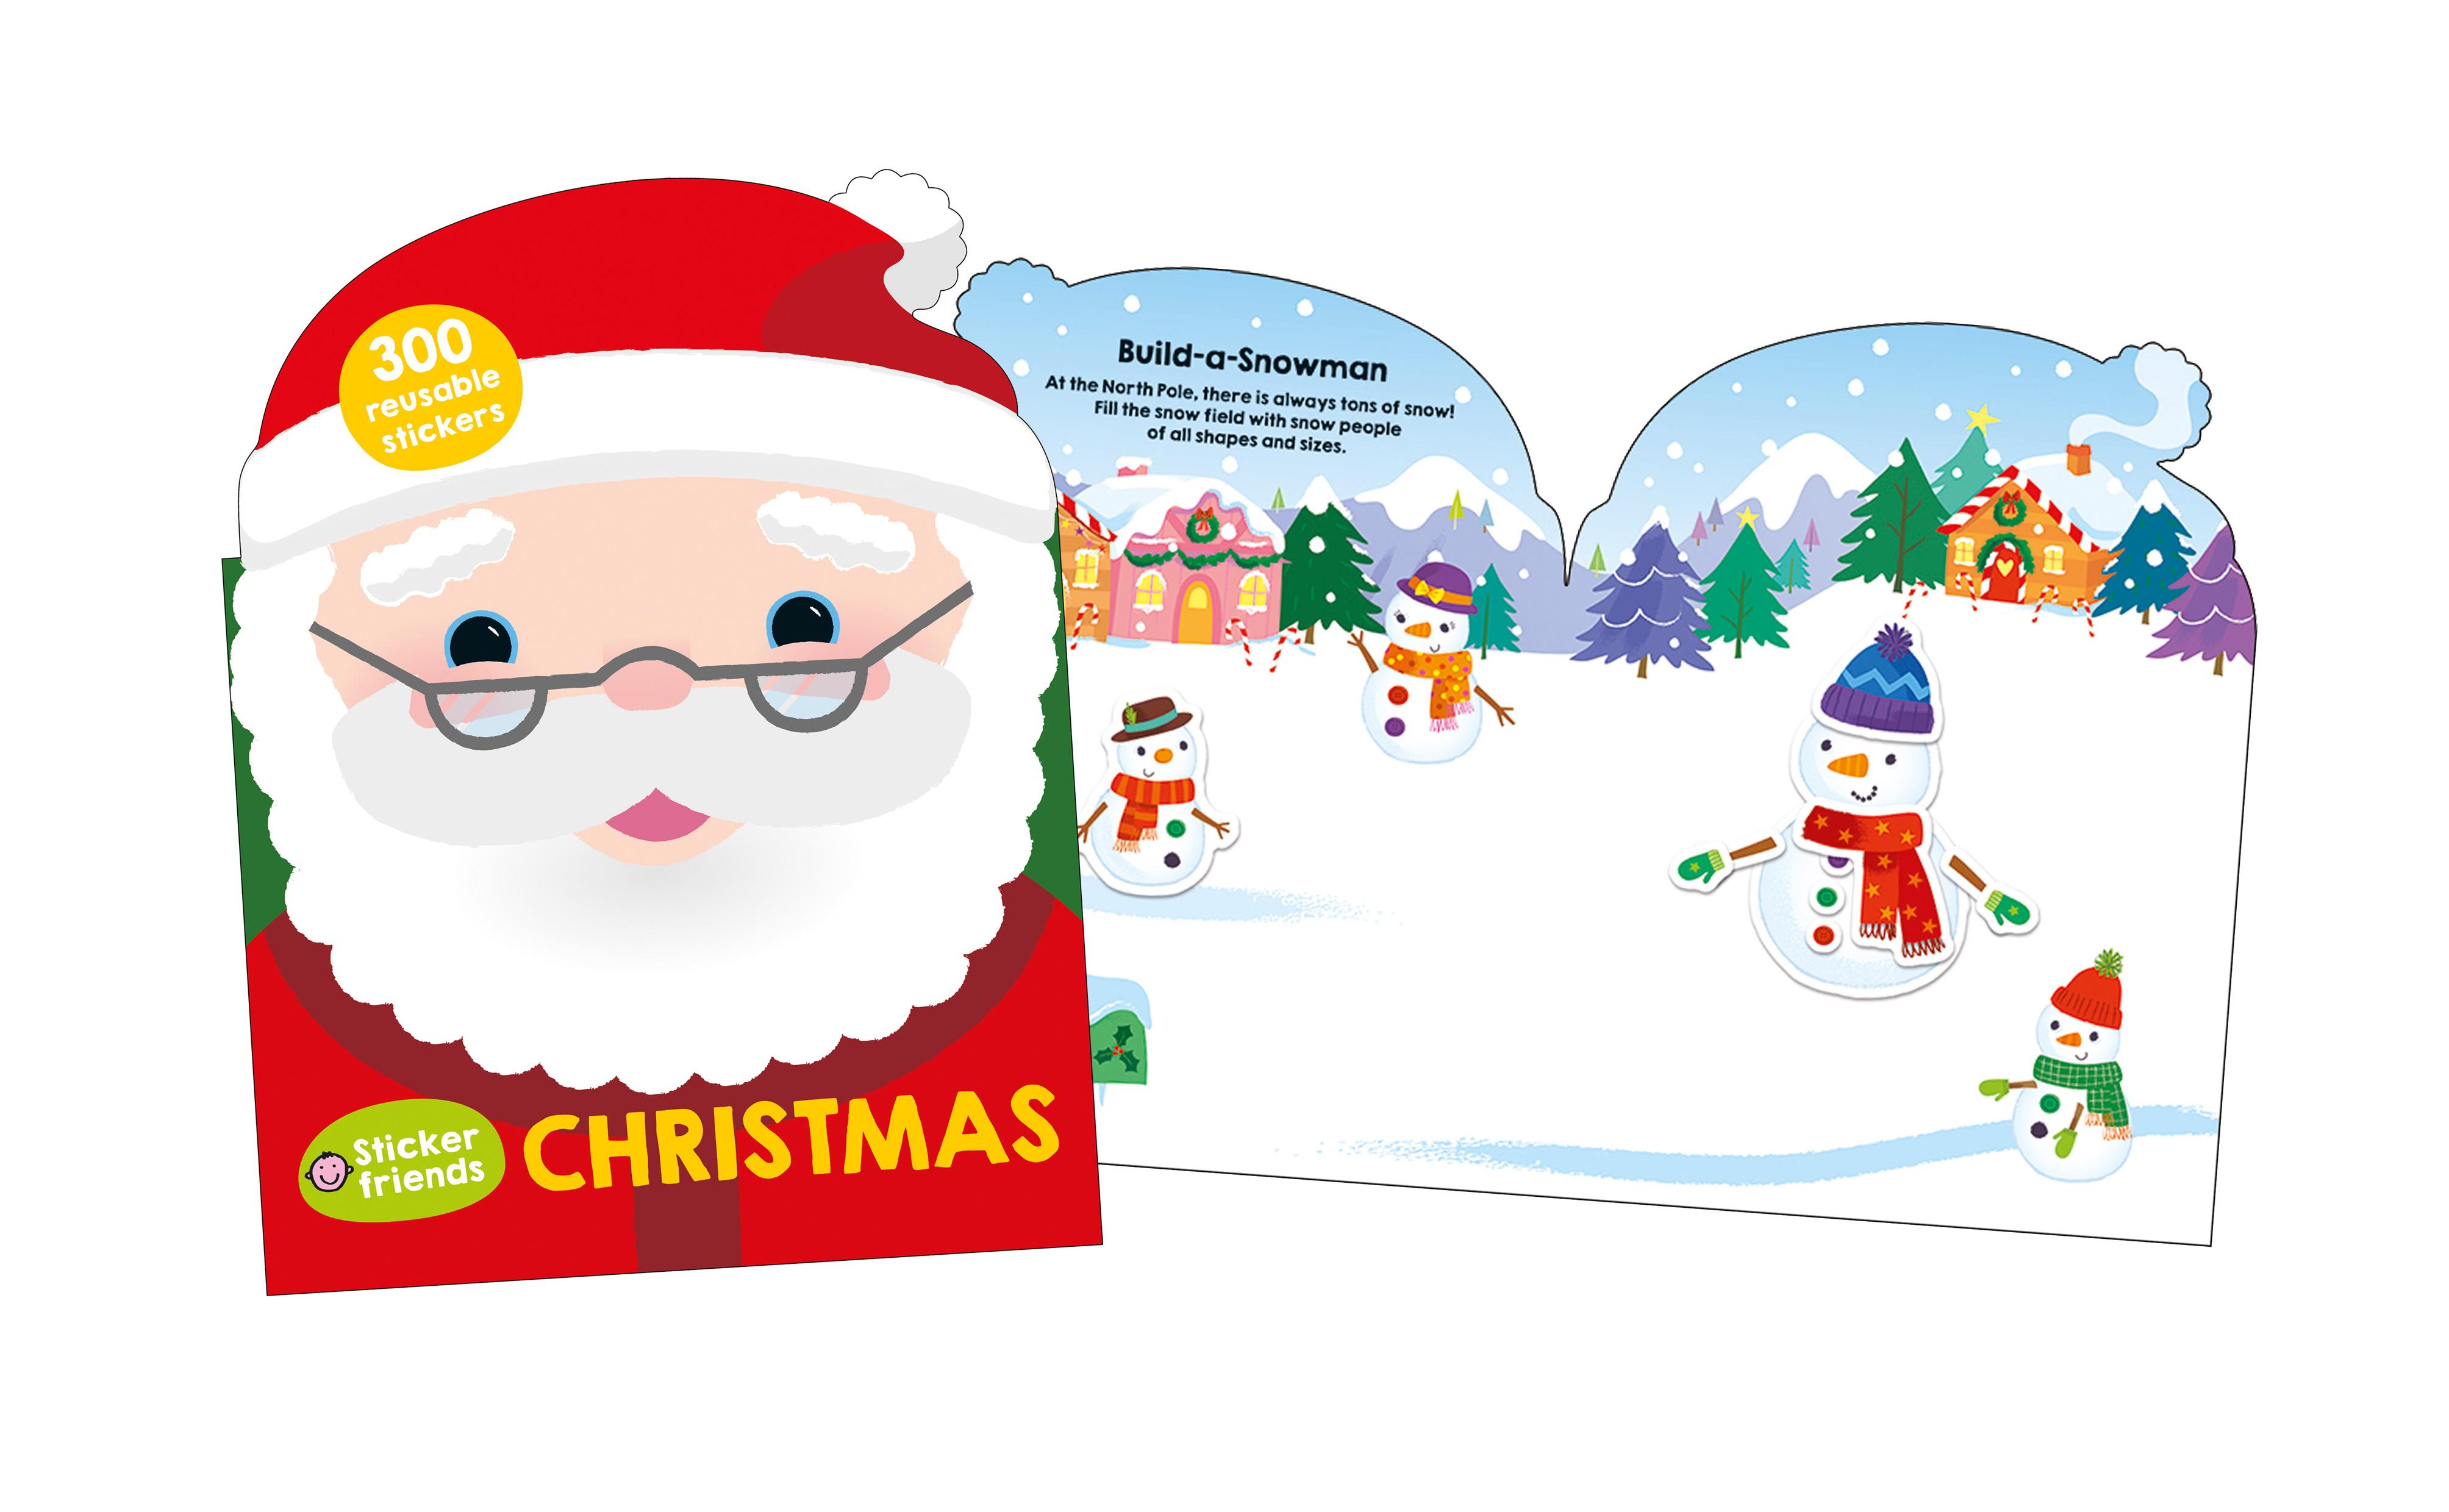 3-sticker-friends-christmas